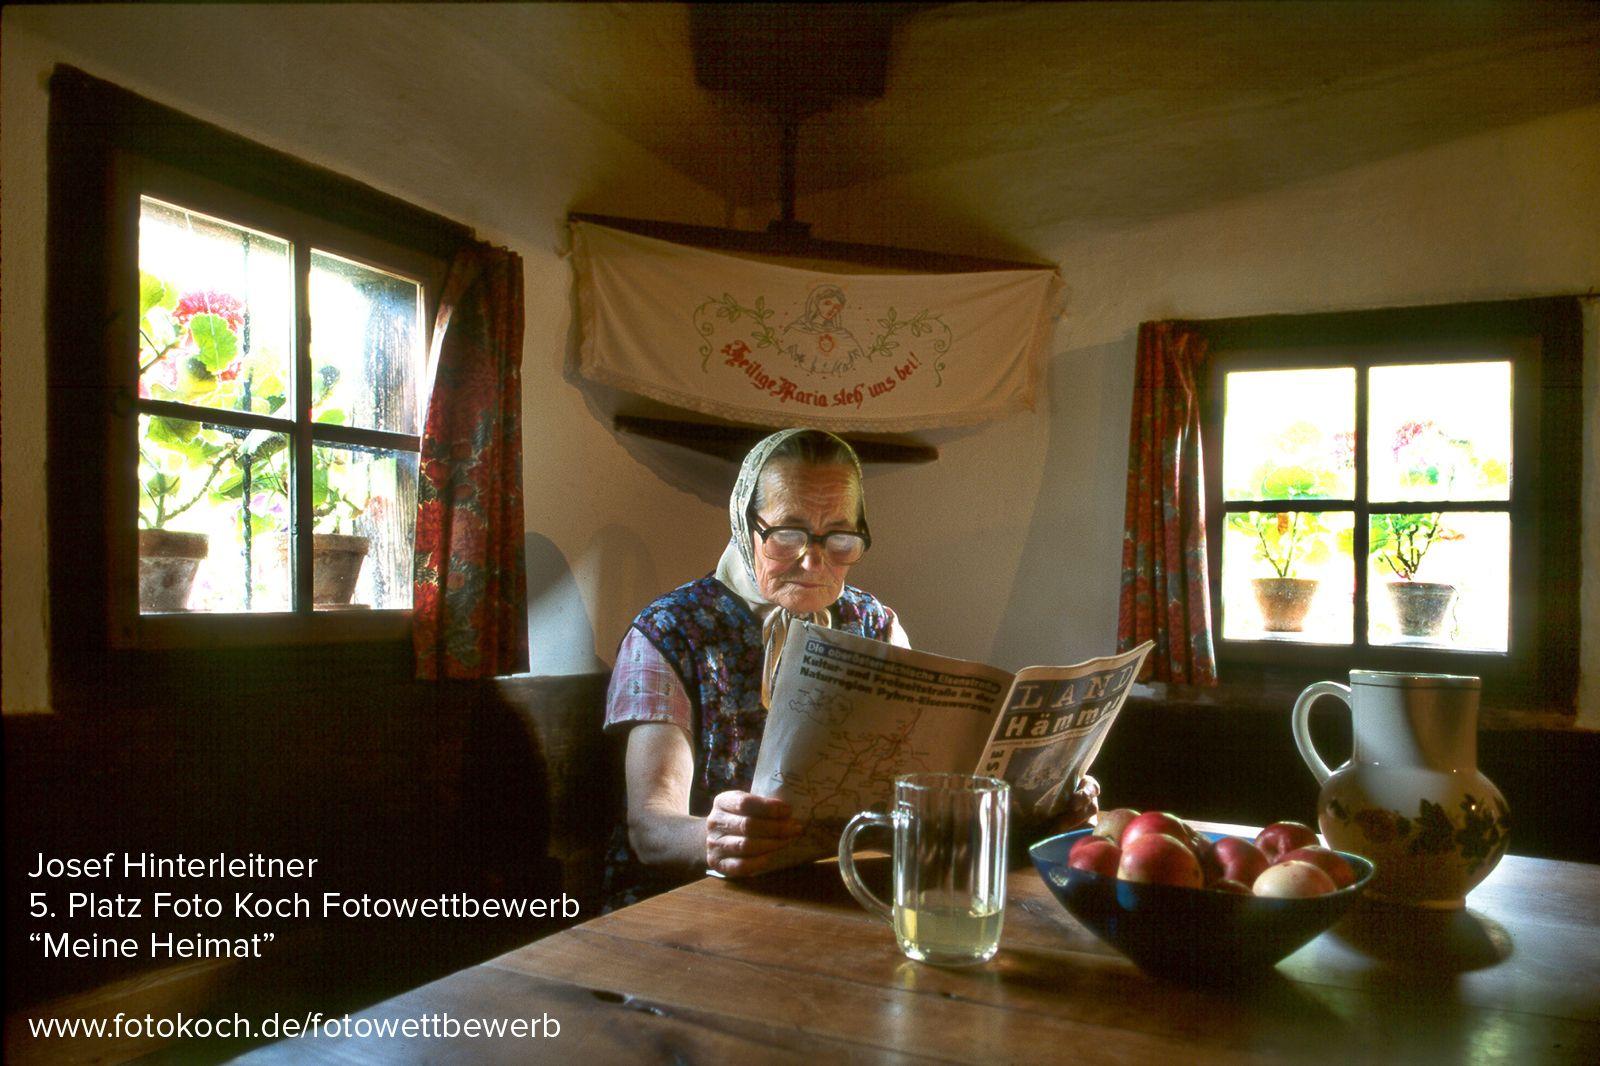 Foto Koch Fotowettbewerb Meine Heimat Www Fotokoch De  # Muebles Cieli Aperti